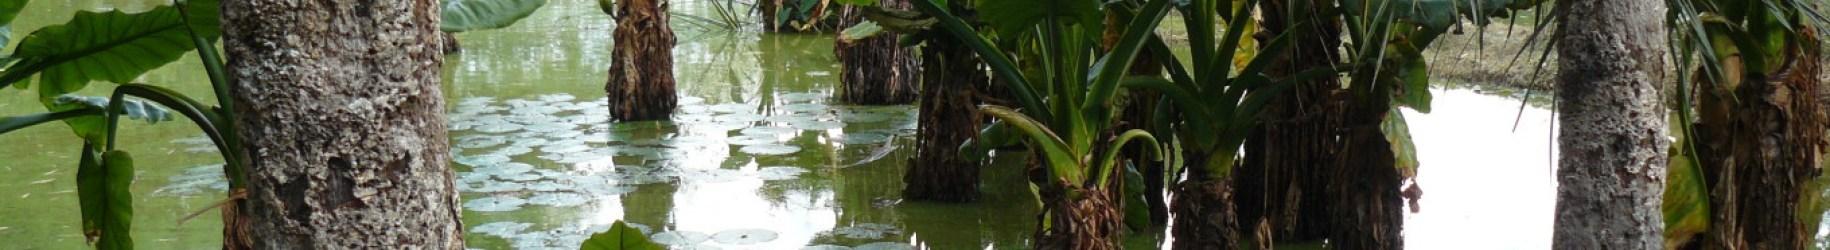 Mangrove - Madagascar